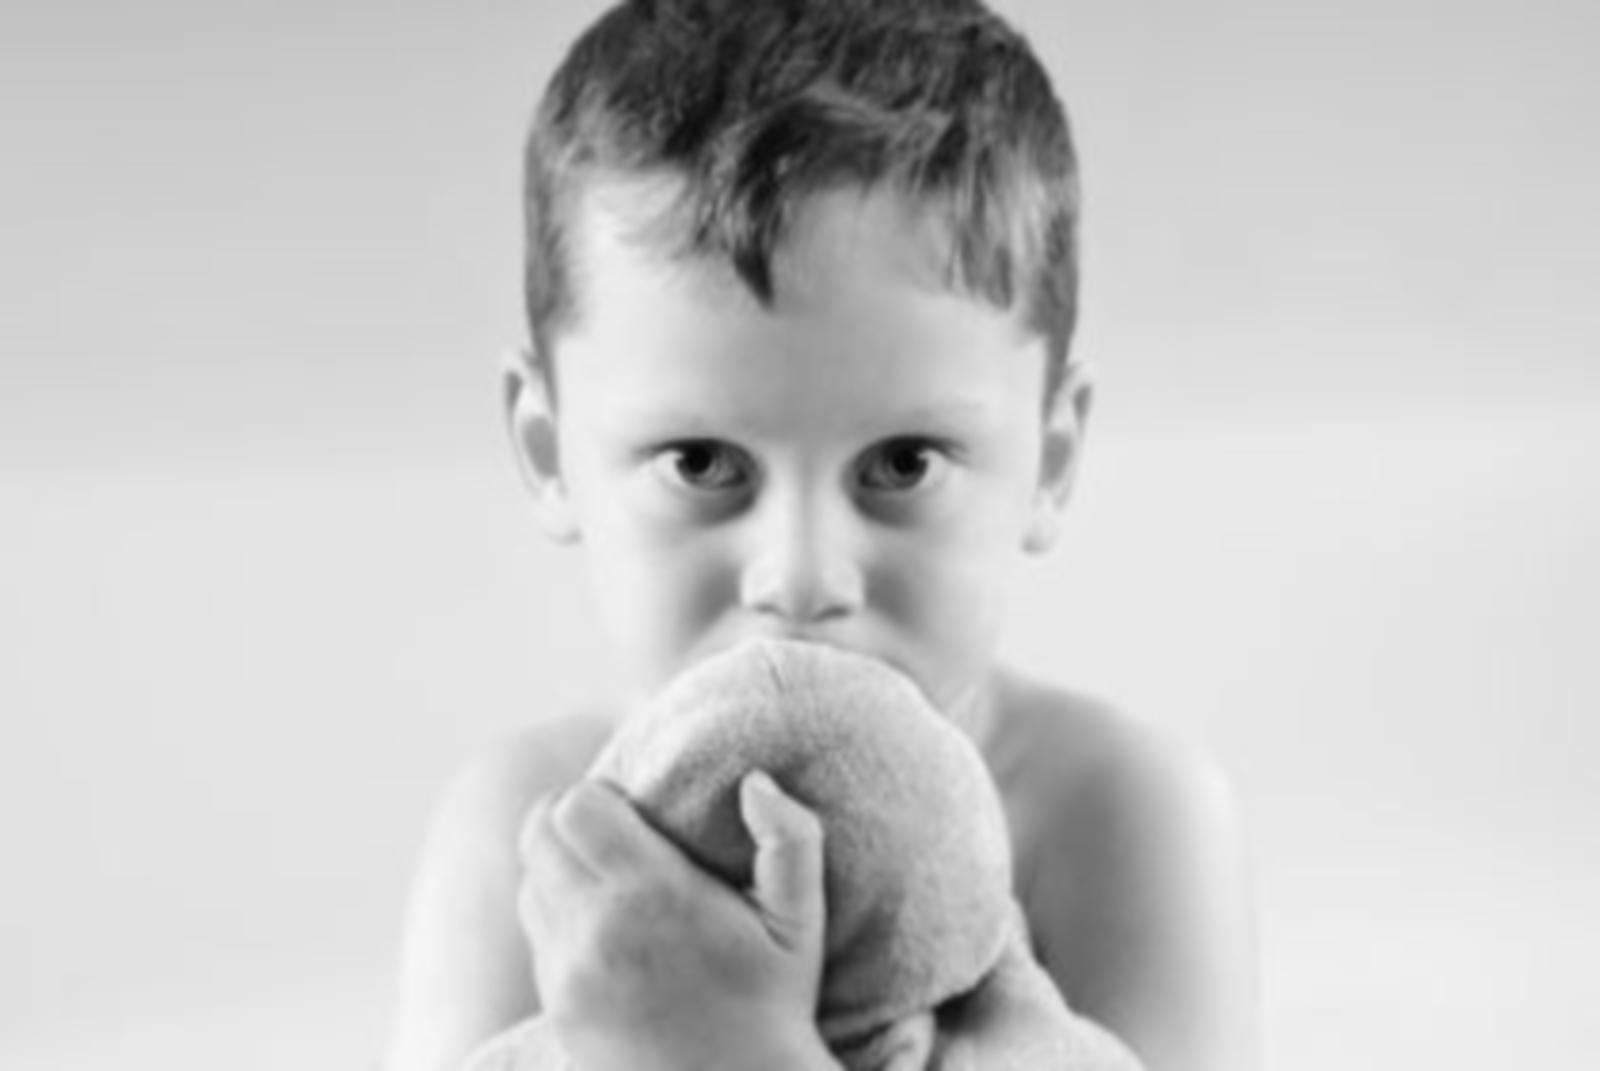 Επιλεκτική Αλαλία (selective mutism)